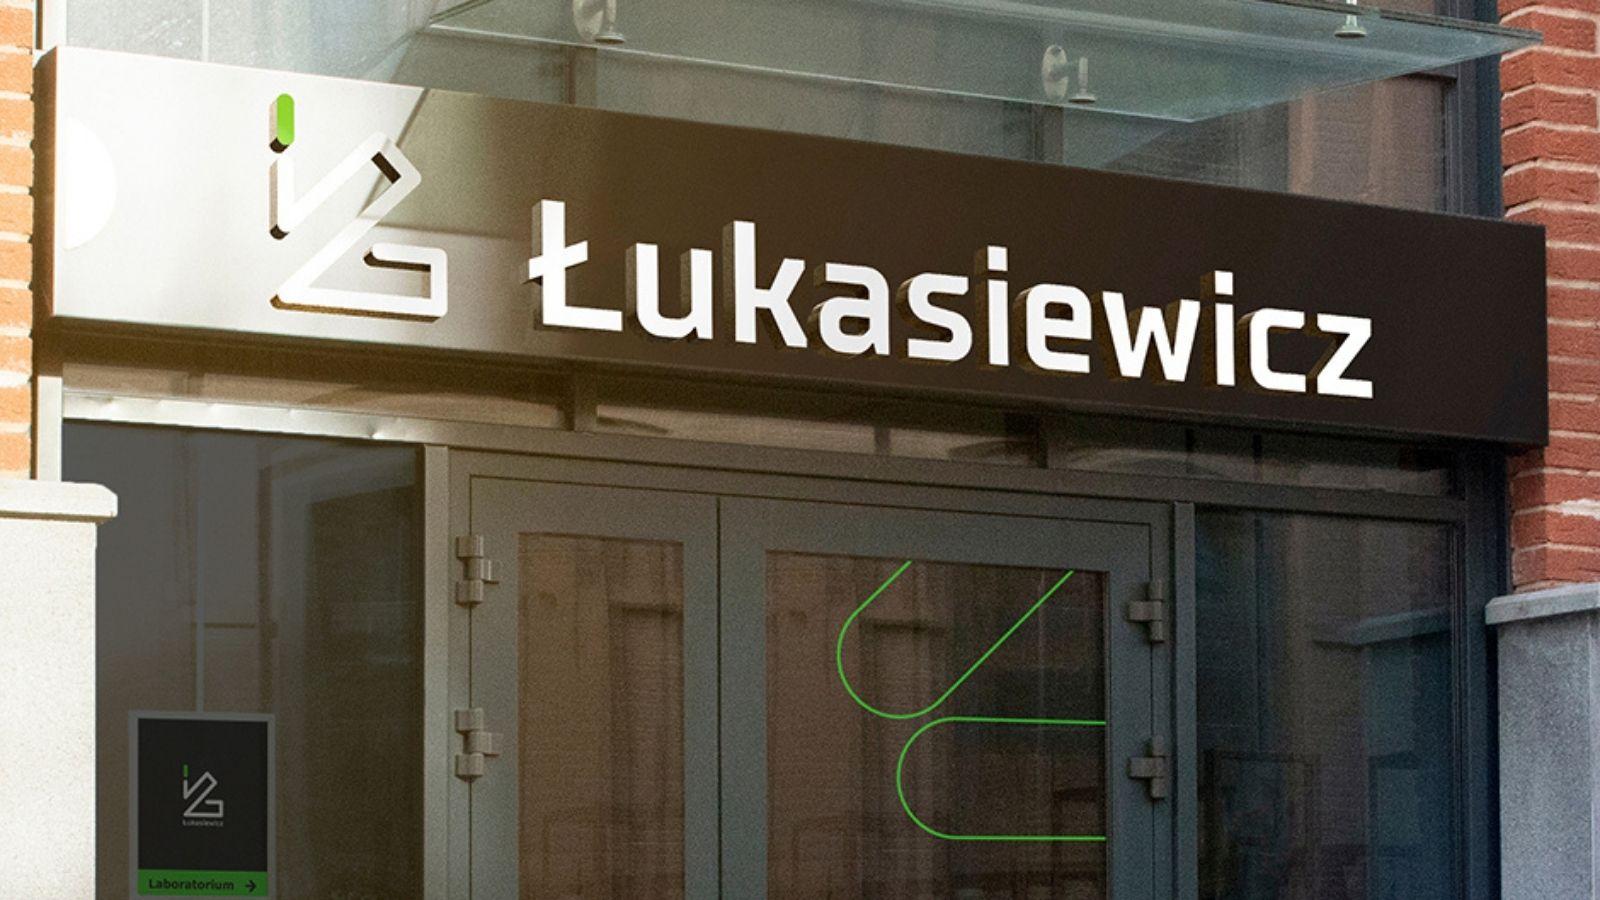 Nowa identyfikacja wizualna Sieci Badawczej Łukasiewicz [CASE STUDY] Logo mediarun com lukasiewicz